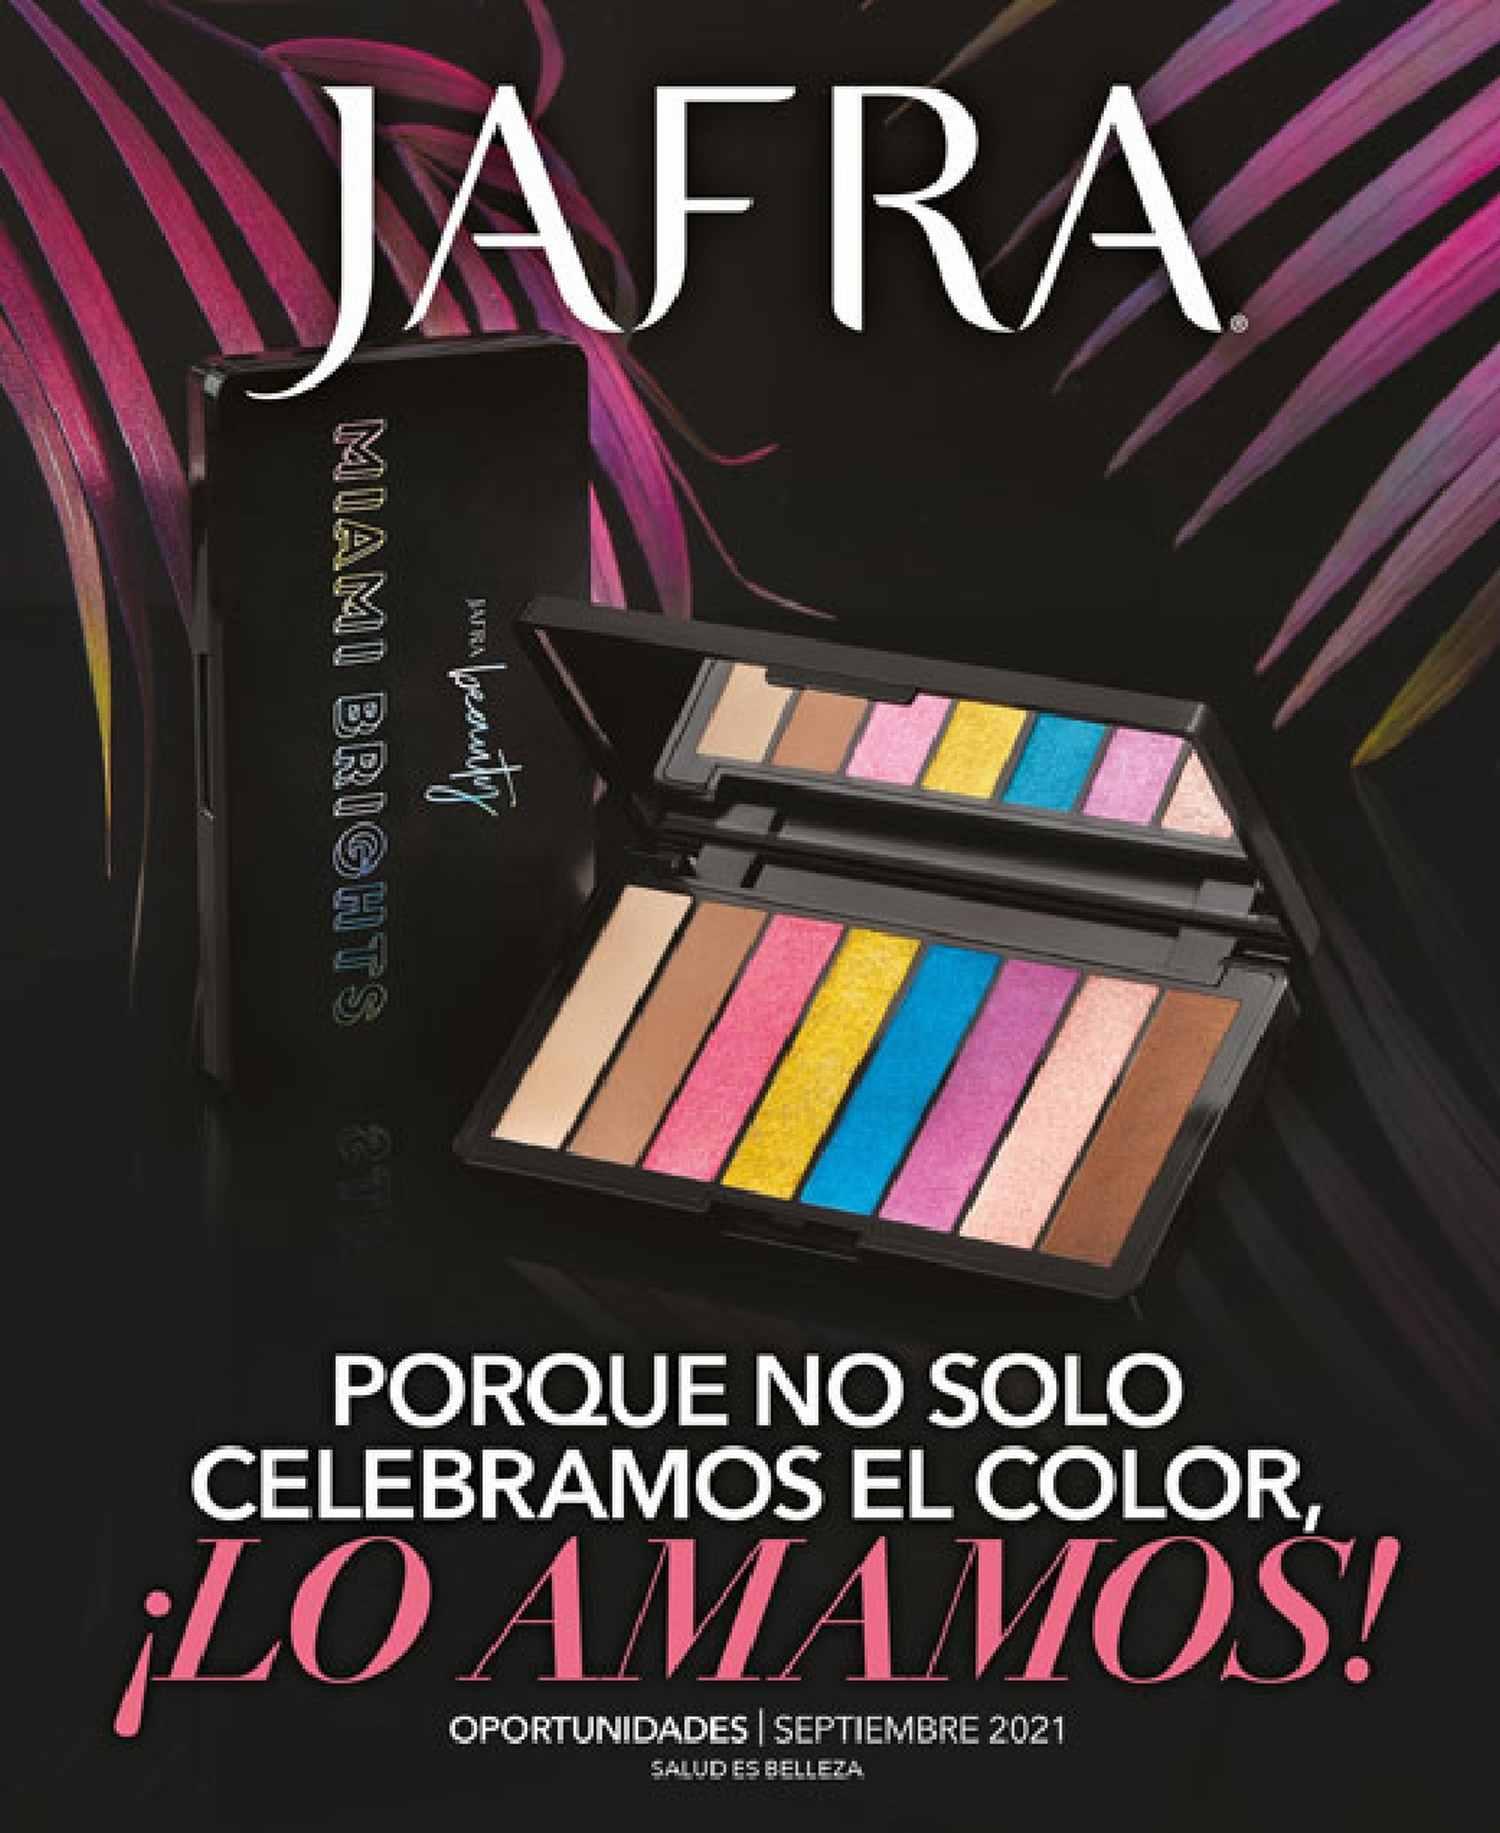 Catalogo Jafra Septiembre 2021 México